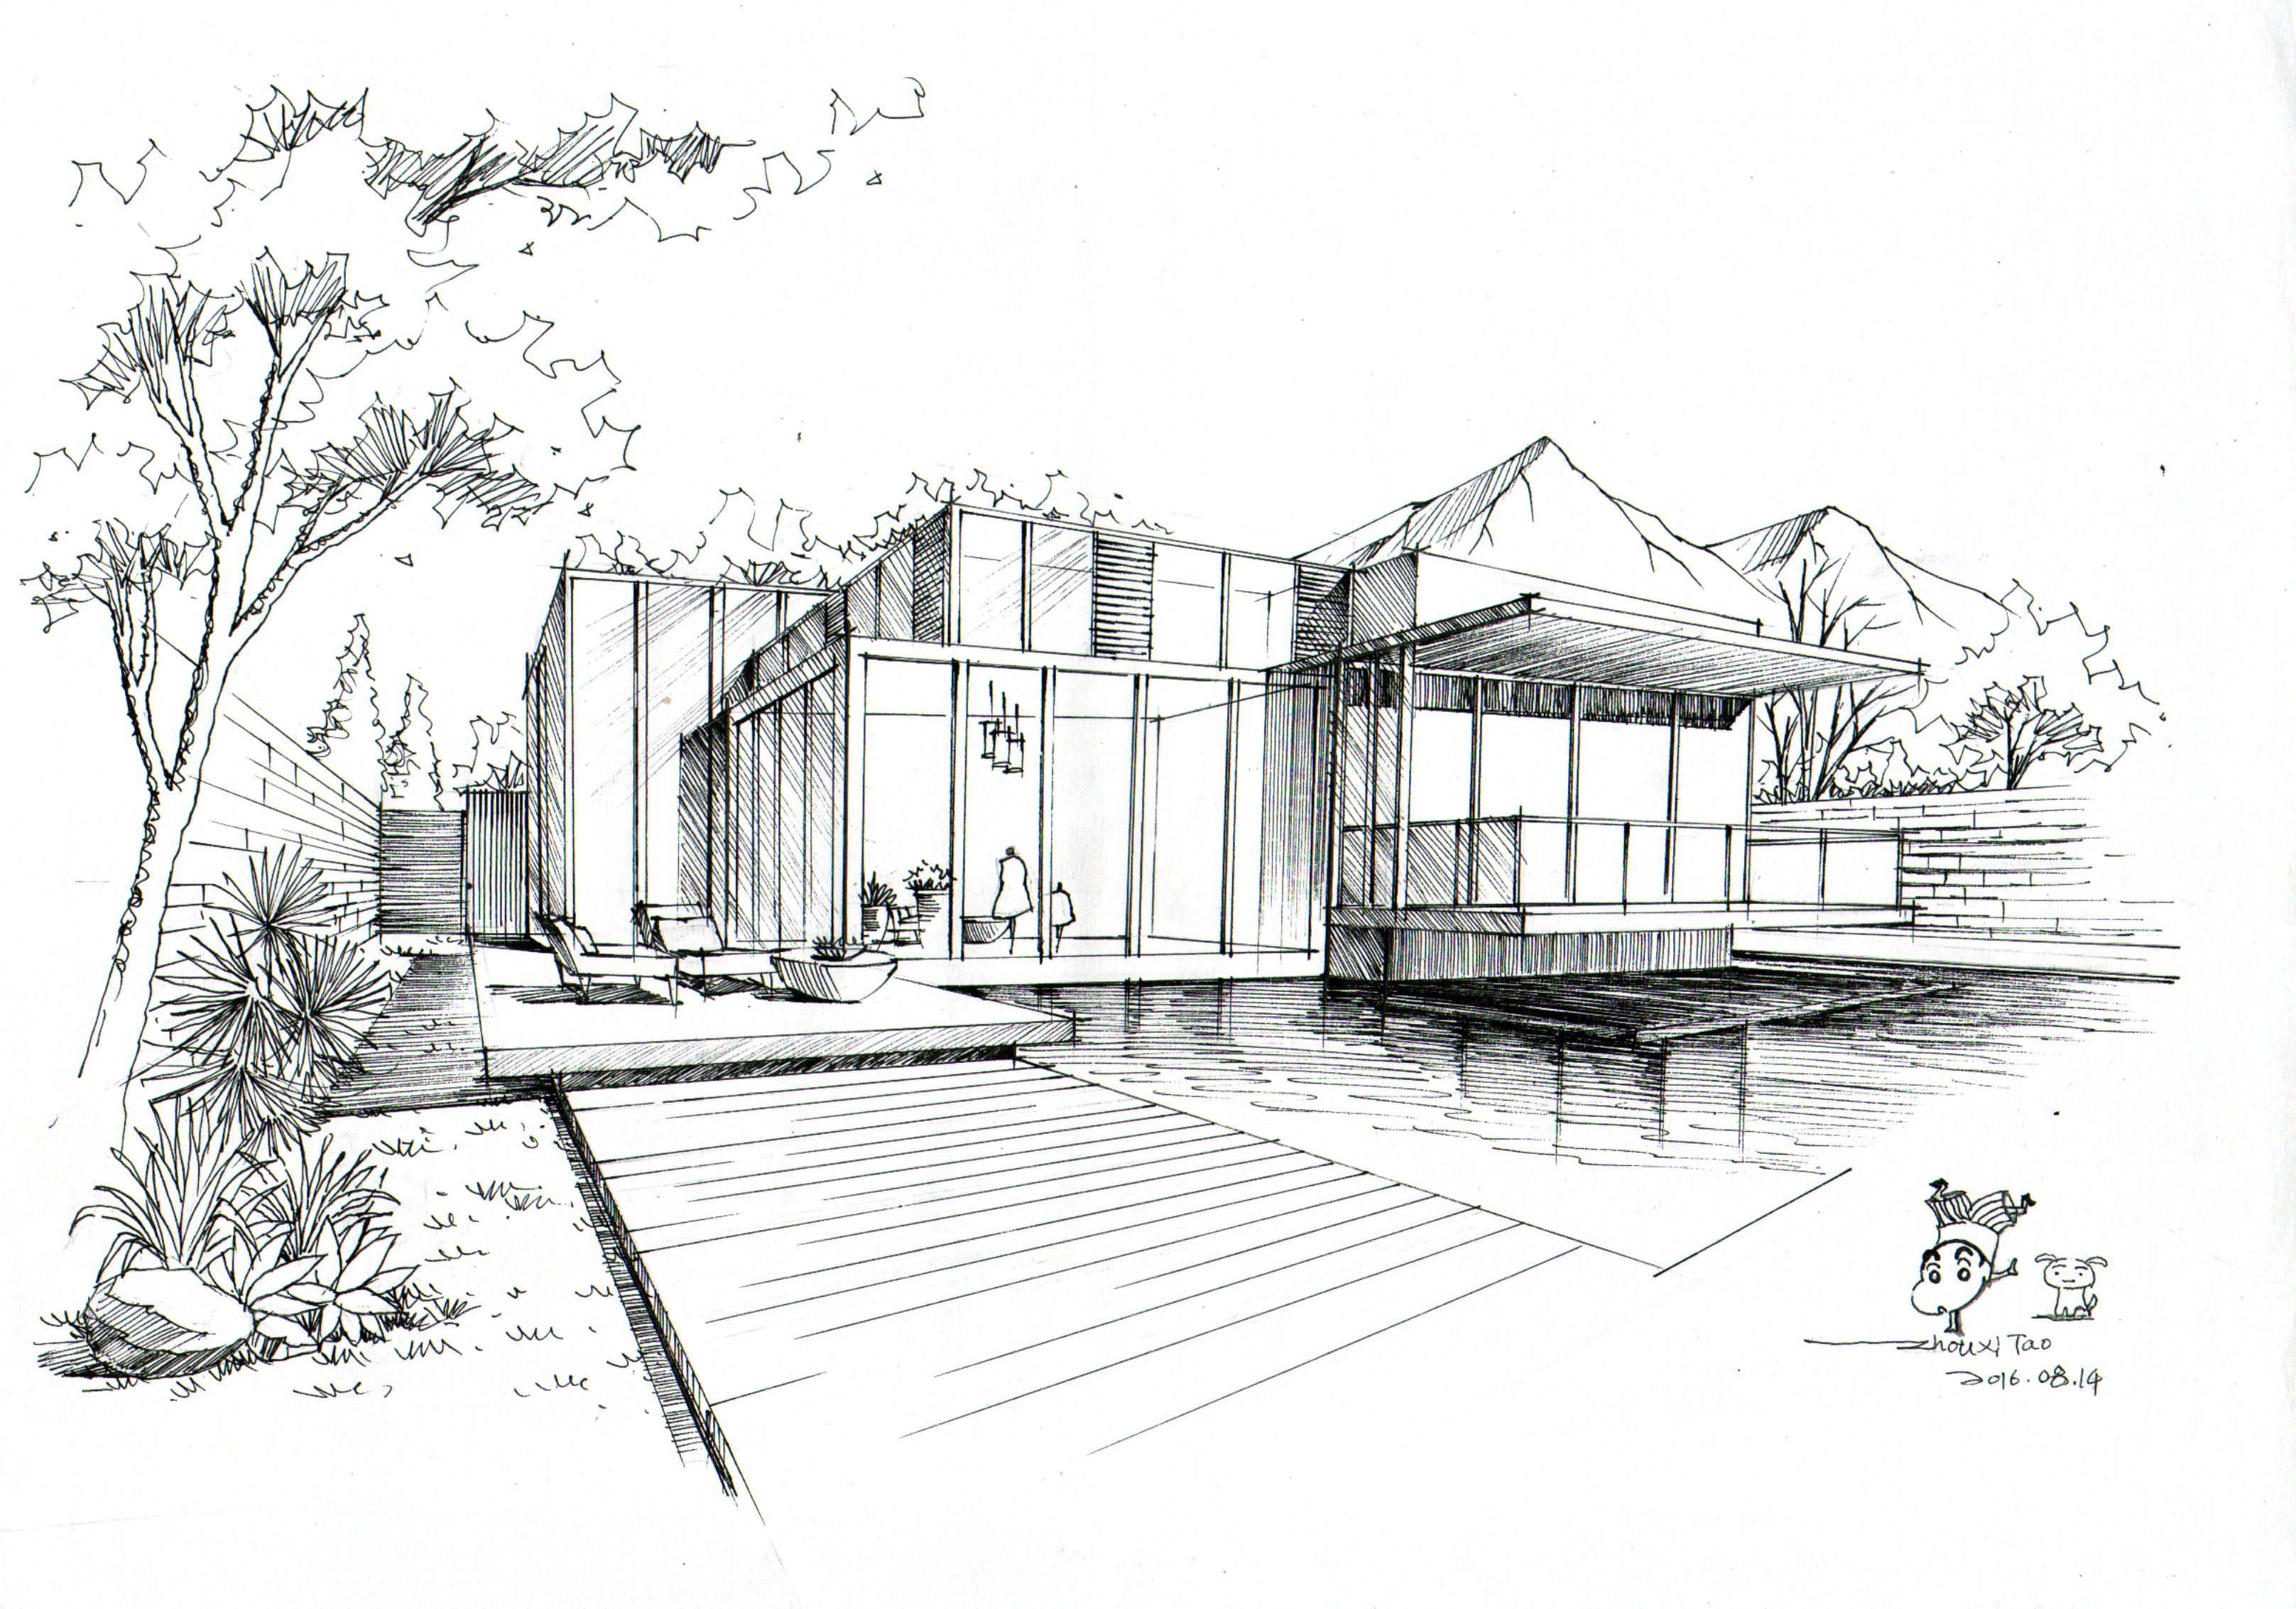 建筑手绘表现|空间|建筑设计|徒行 - 原创作品 - 站酷